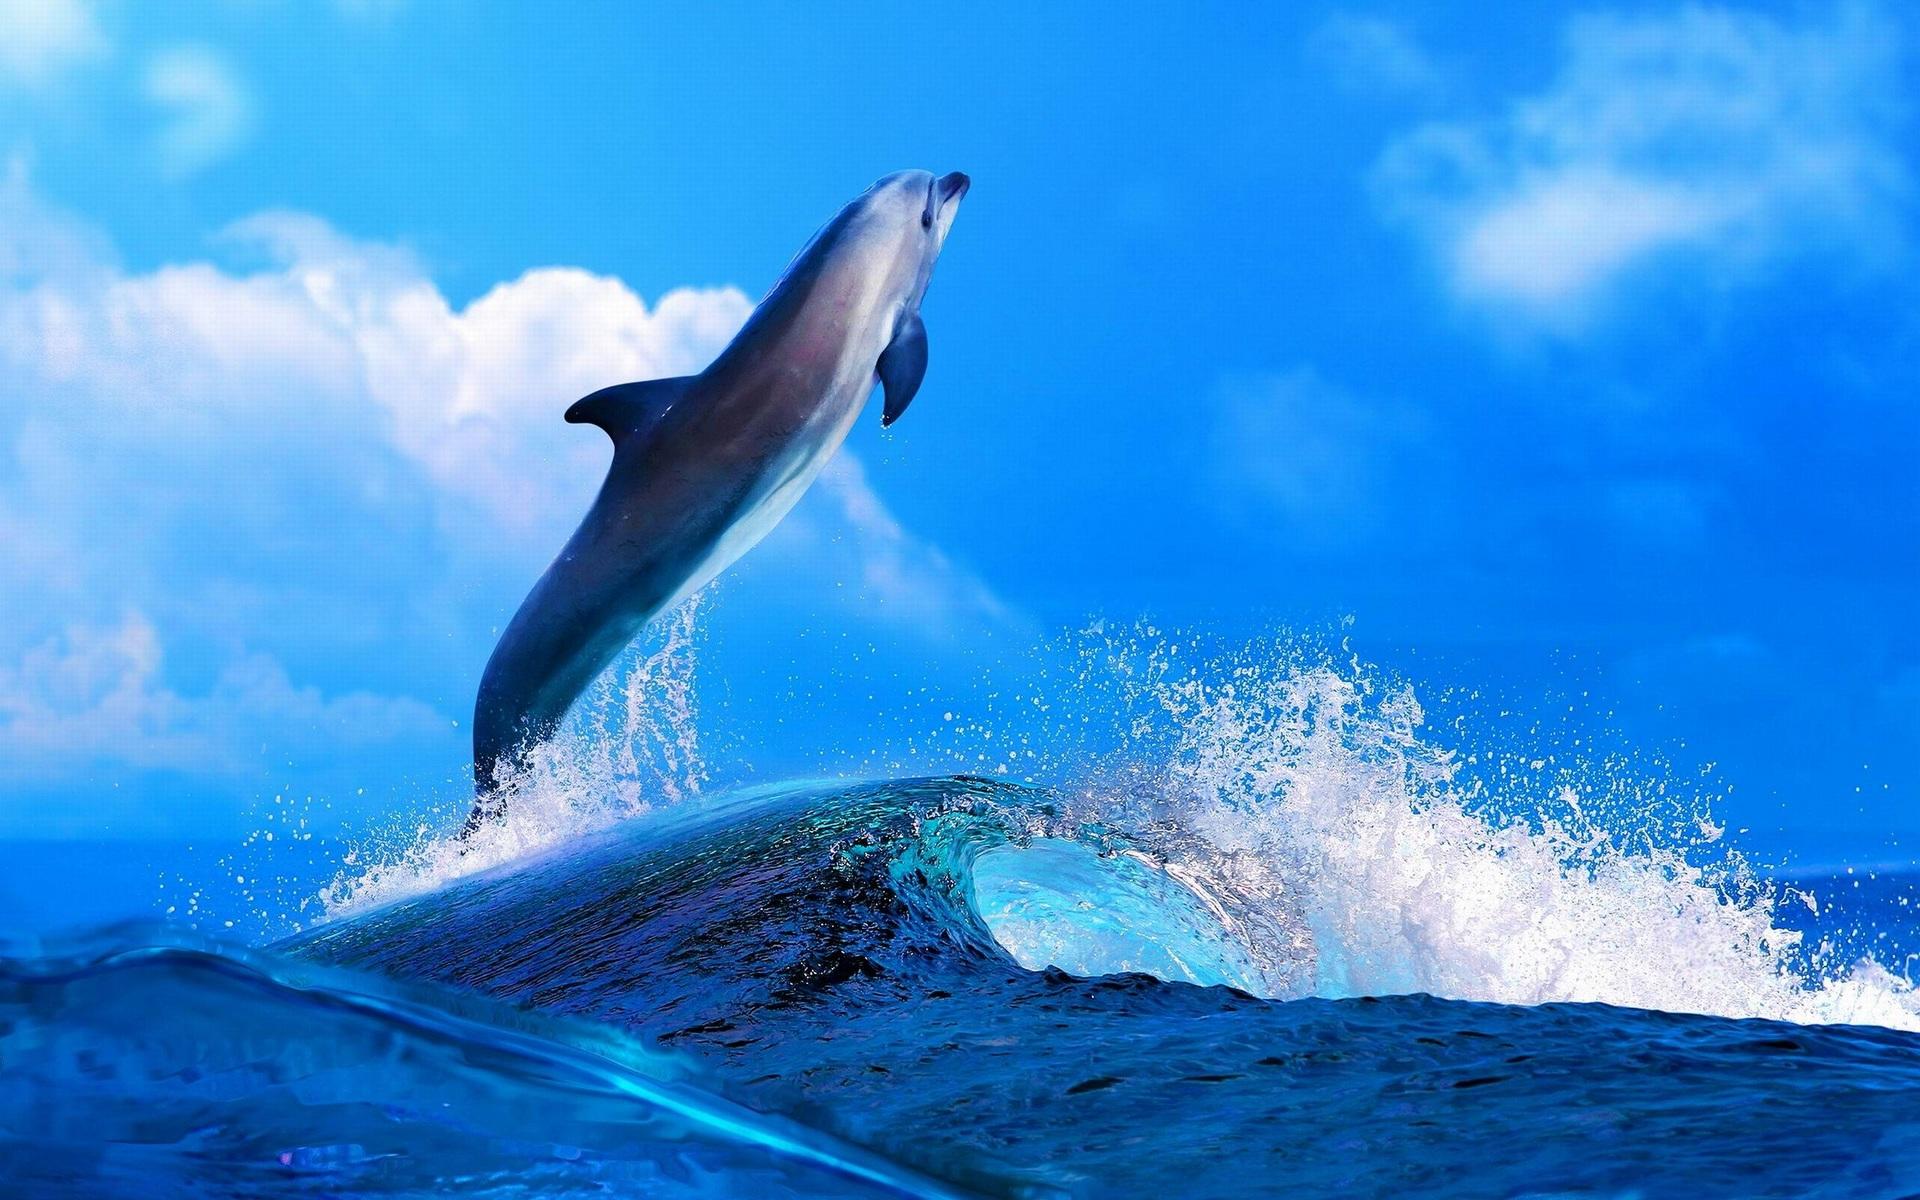 его, картинки дельфинов на весь экран конструкцию